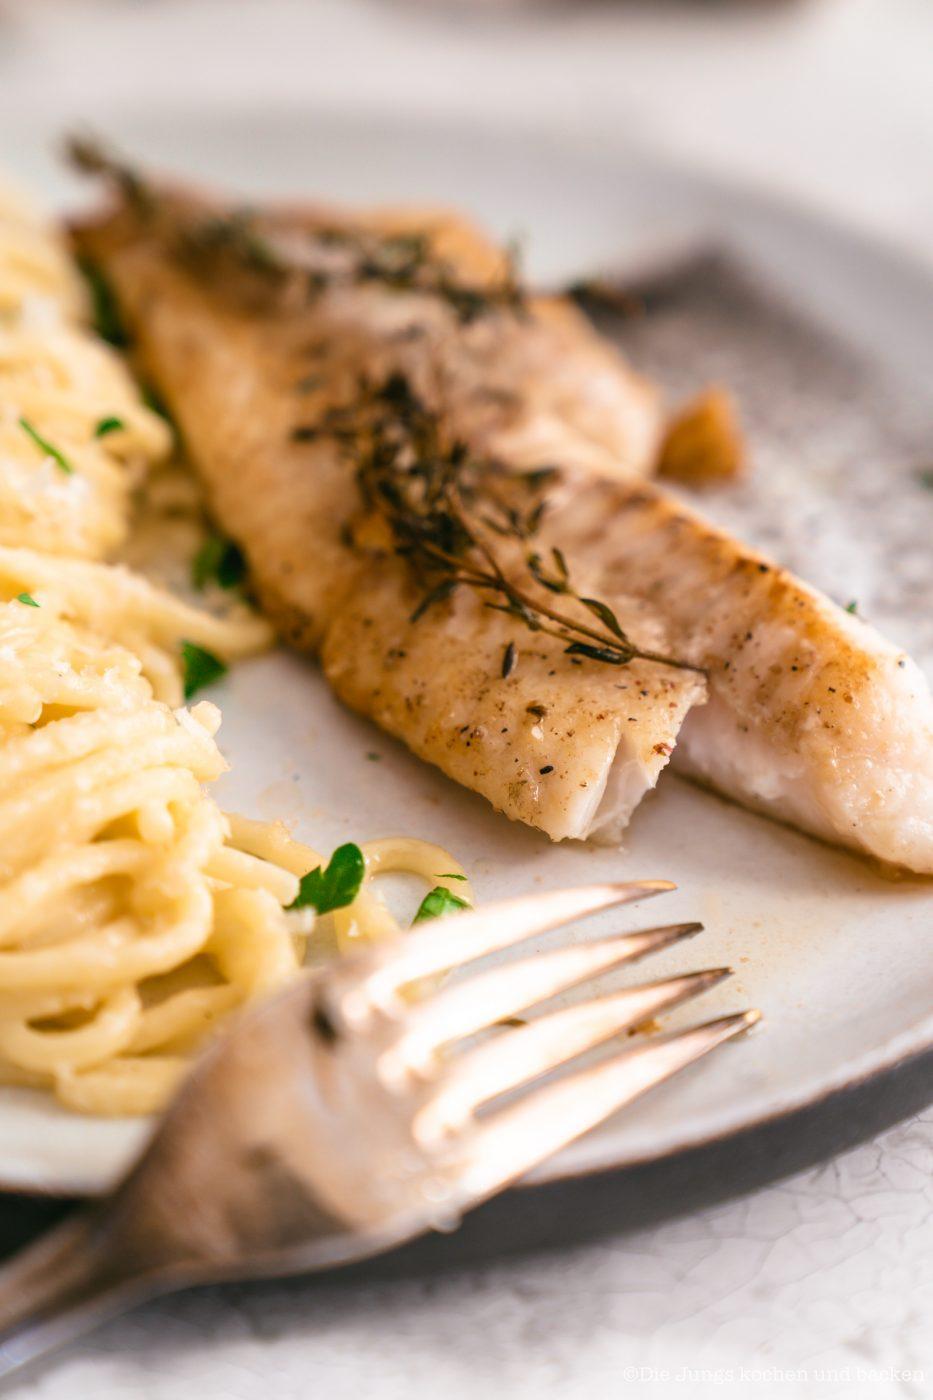 Rotbarsch World Ocean Day 17 | Wir lieben Fischgerichte - wie sieht das bei euch aus? Seit Kindertagen schon mag ich Fisch. So richtig aufgeblüht ist die Liebe aber erst während der ersten Urlaube am Meer. In Barcelona haben wir einige Fischrestaurants, die wir immer gerne besuchen. Fisch und die mediterrane Küche passen einfach sehr gut zusammen! Und damit wir auch in der Zukunft noch weitere spannende Rezept mit Fisch kreieren können, unterstützen wir den MSC zum diesjährigen Tag der Meere - dem World Ocean Day. Dieser lädt nämlich zum großen virtuellen Dinner und wir bringen Rotbarsch mit Parmesan-Spaghetti mit.